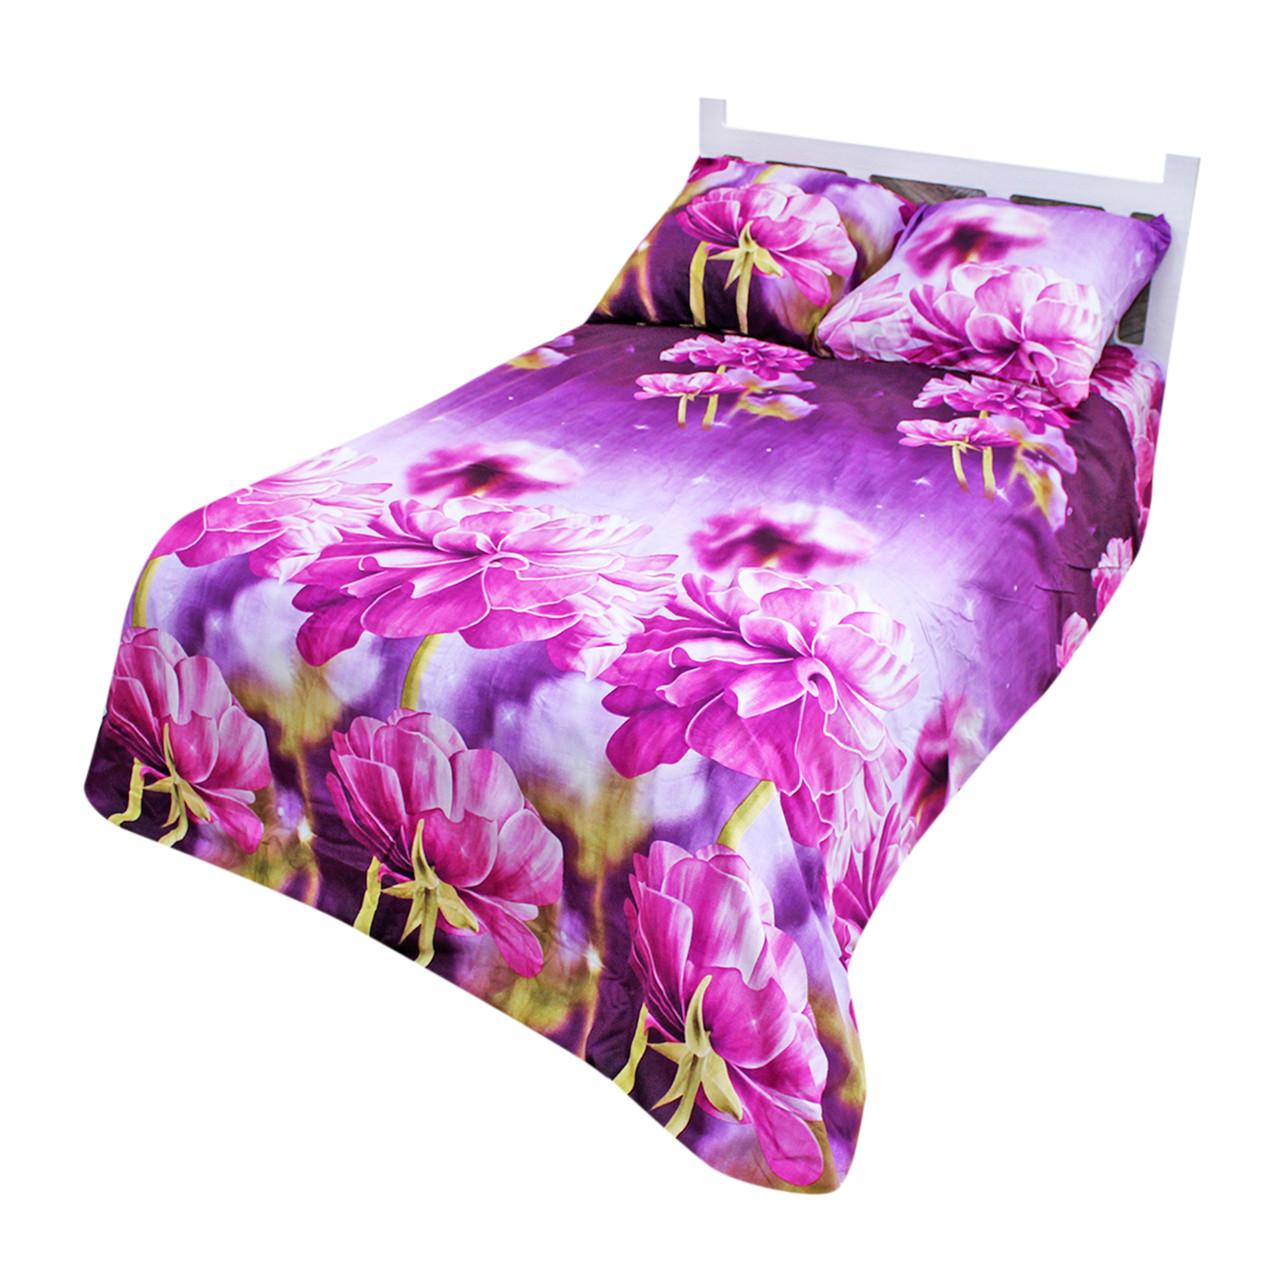 Комплект постельного белья At Home Двуспальный 200х215 (PCK_215_0336)